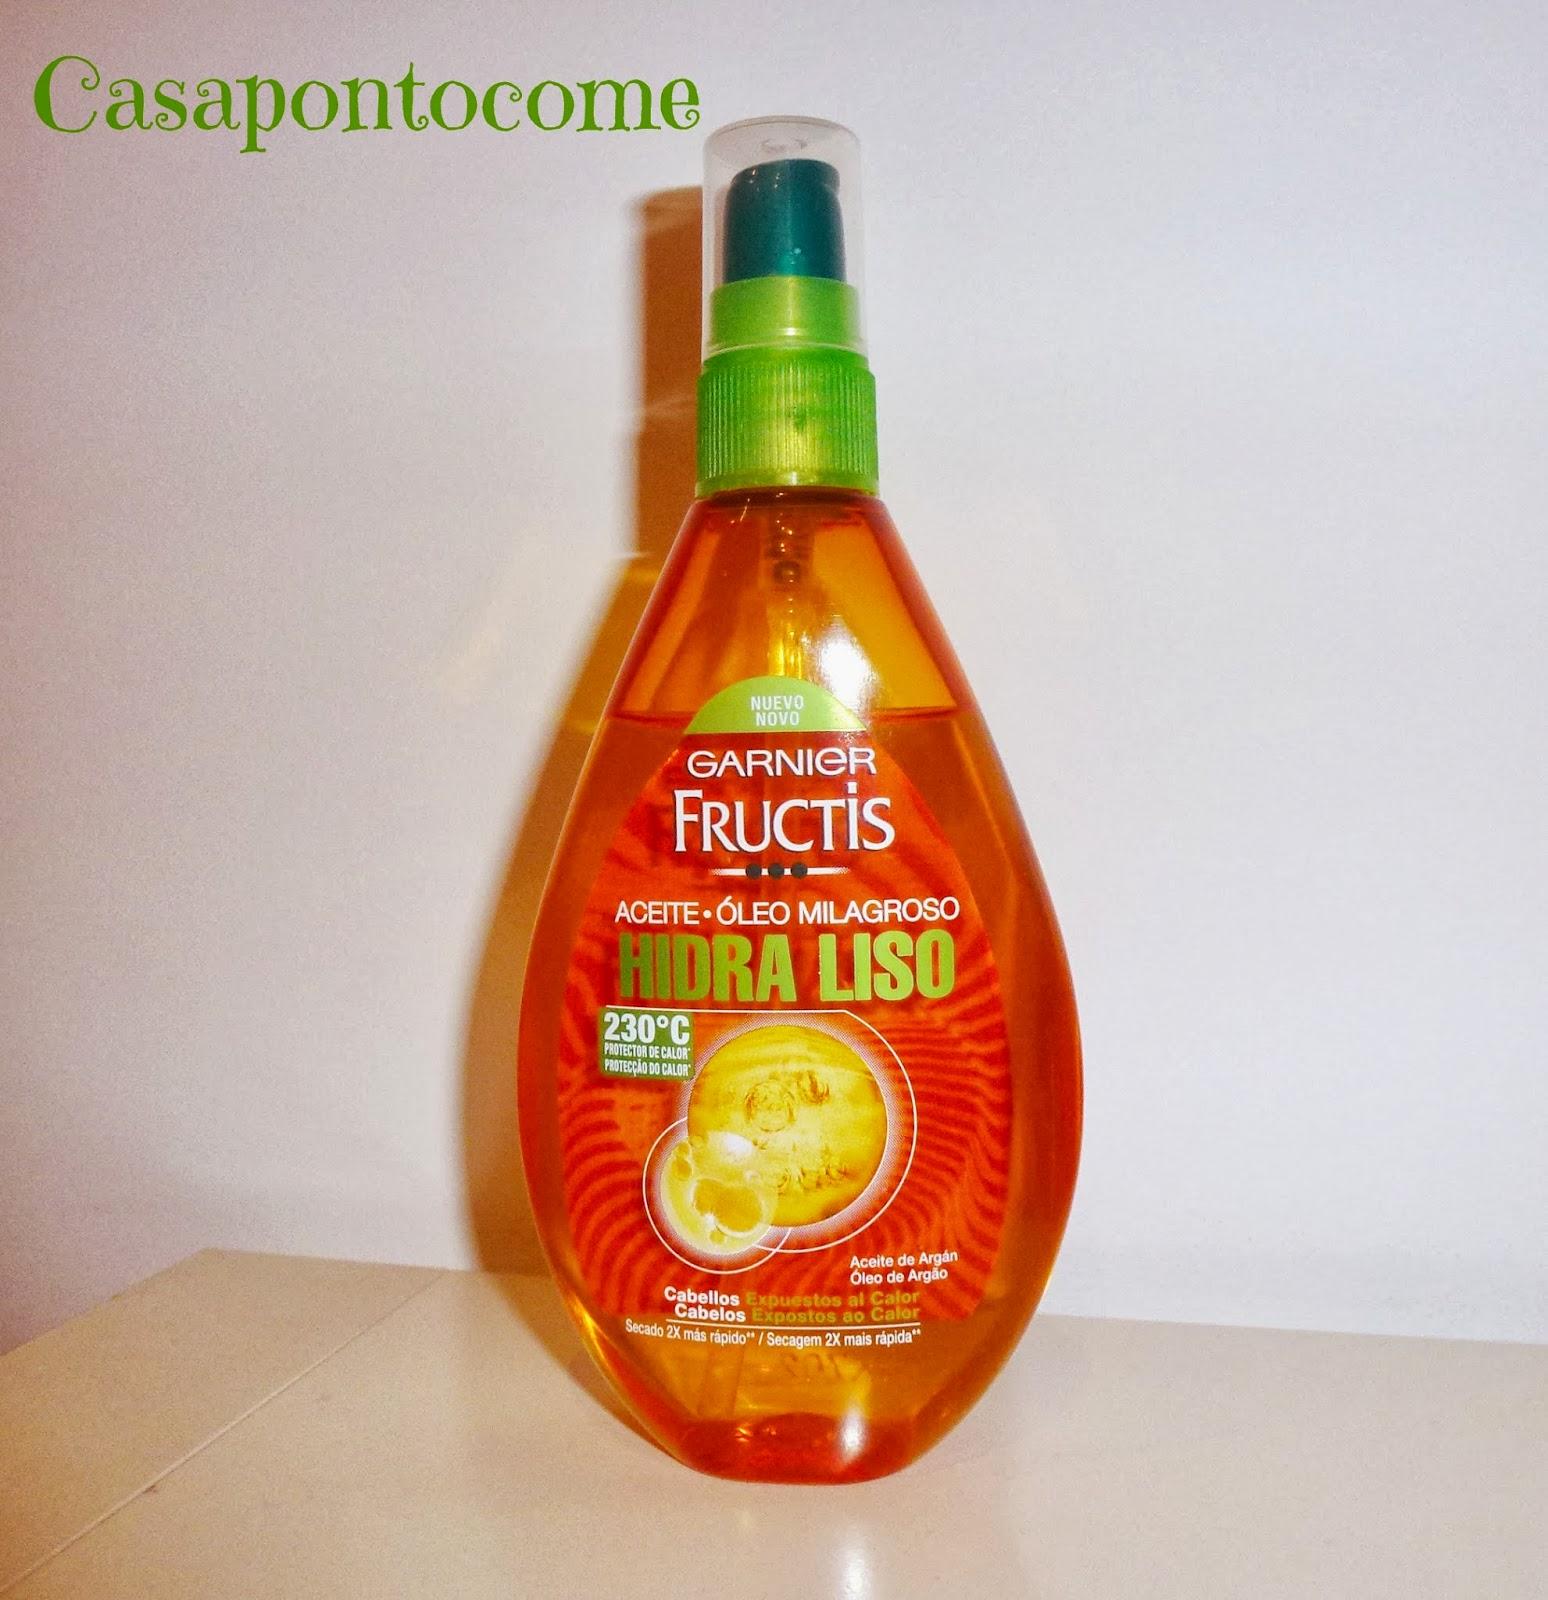 fructis hidra liso